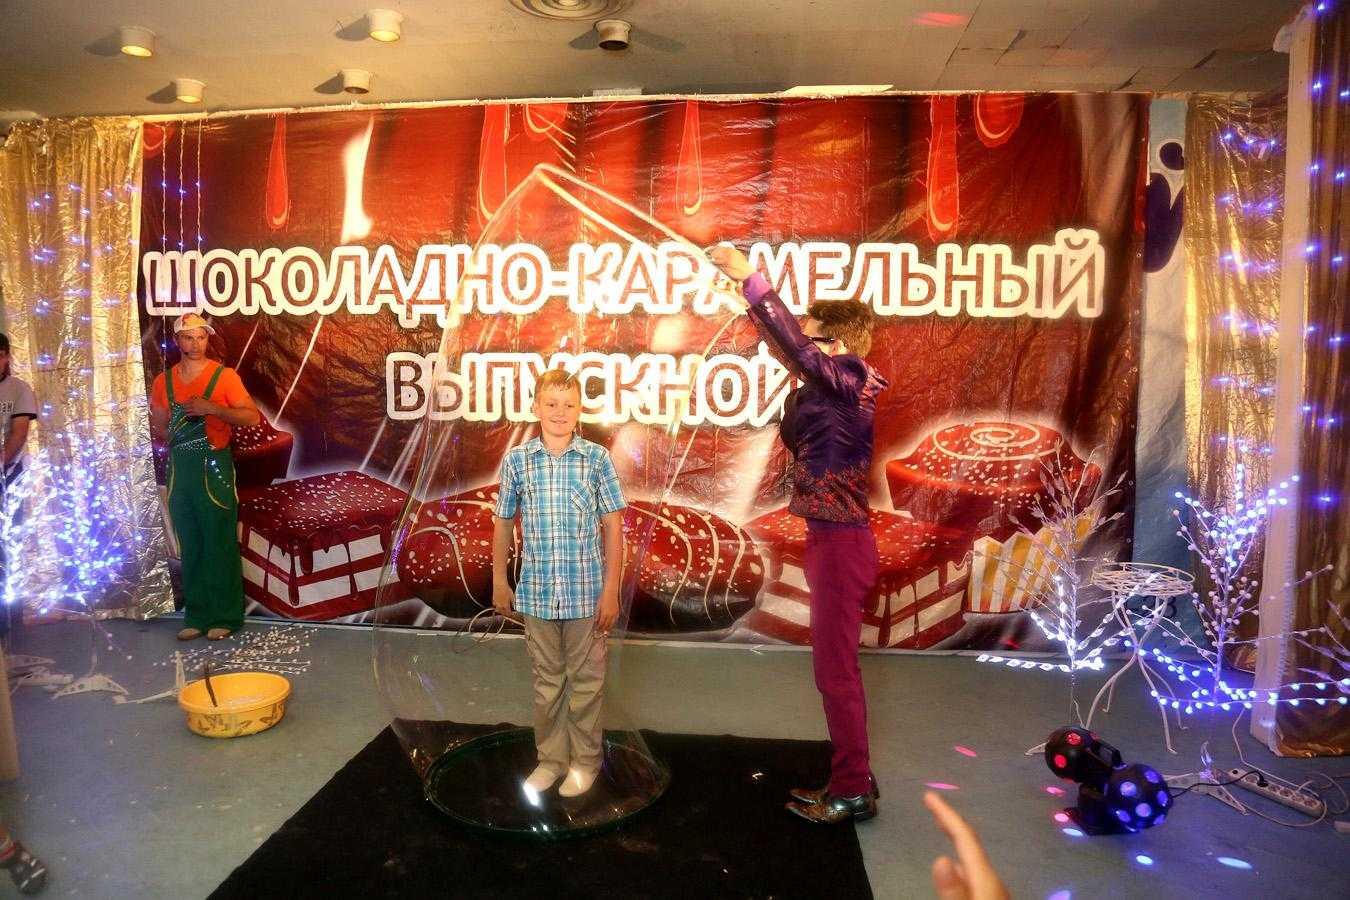 Шоколадно-Карамельный выпускной в ГК Космос 213 Москва